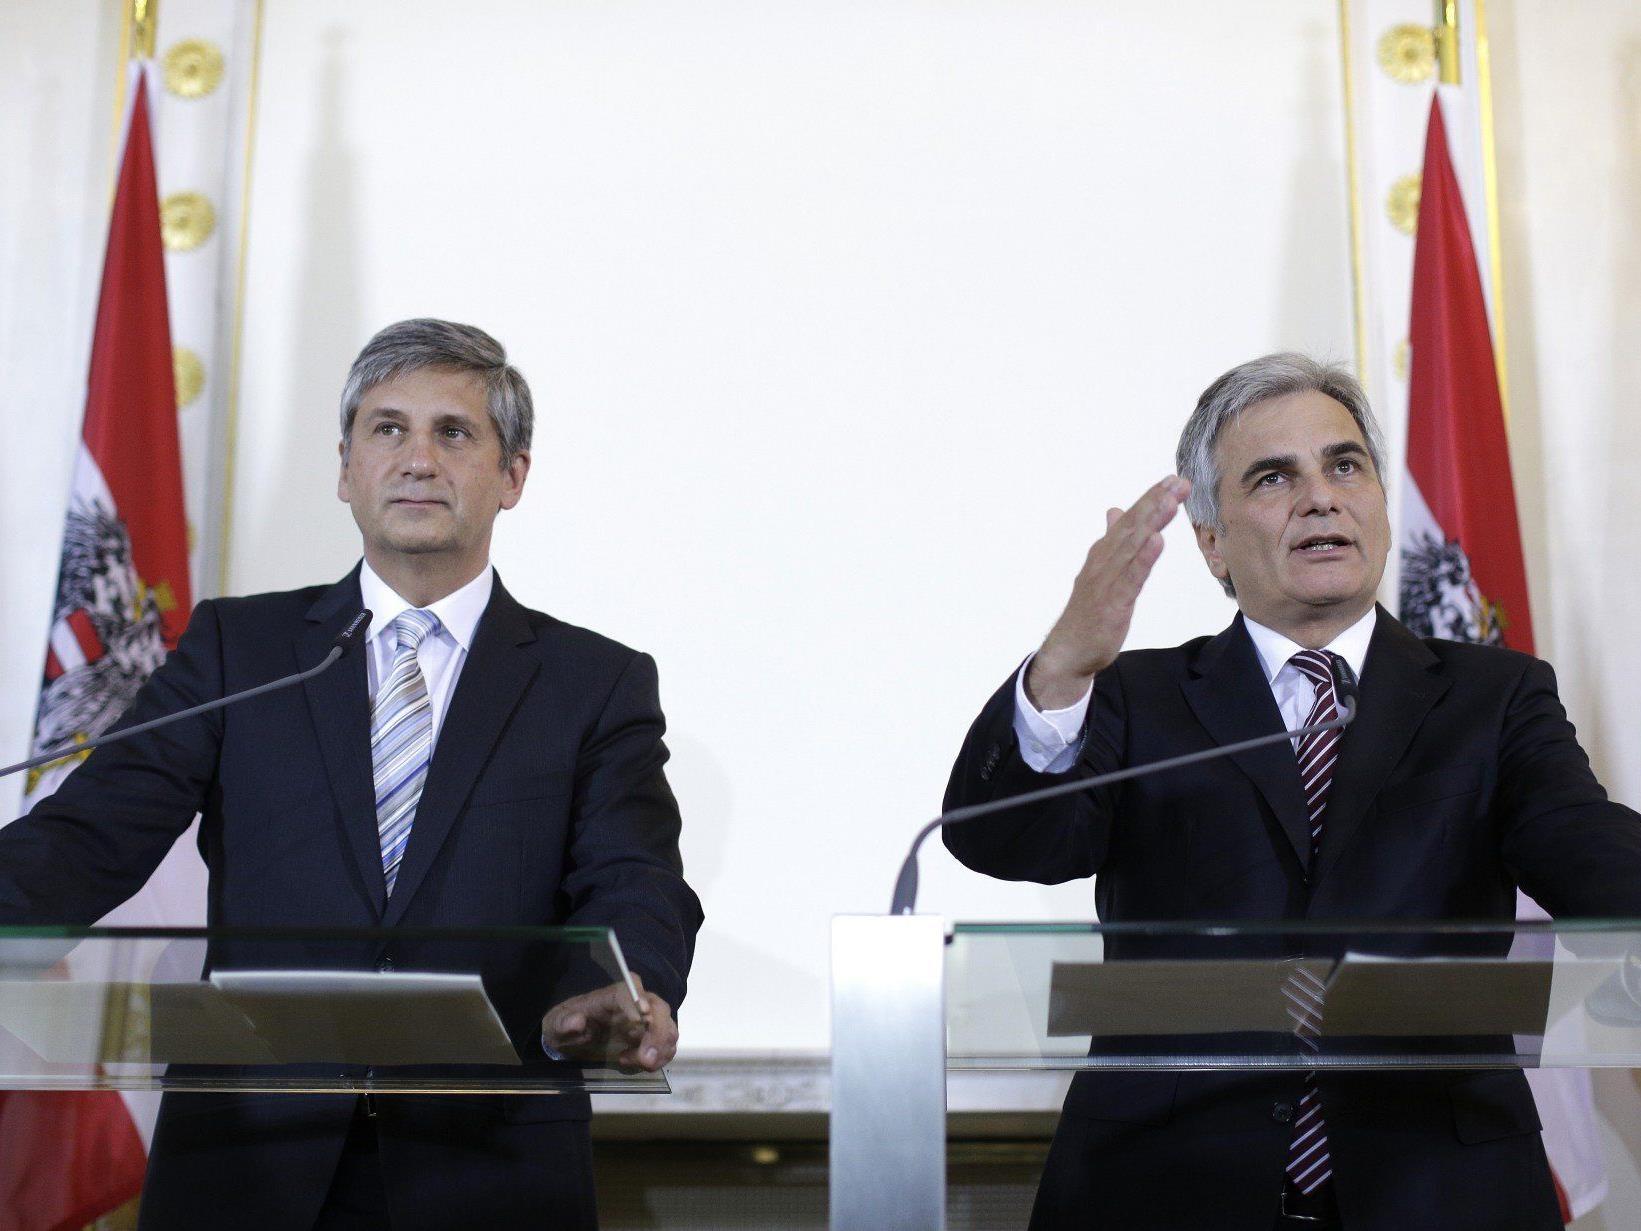 Verhärtete Fronten in der Koalition zum Thema Steuerreform.